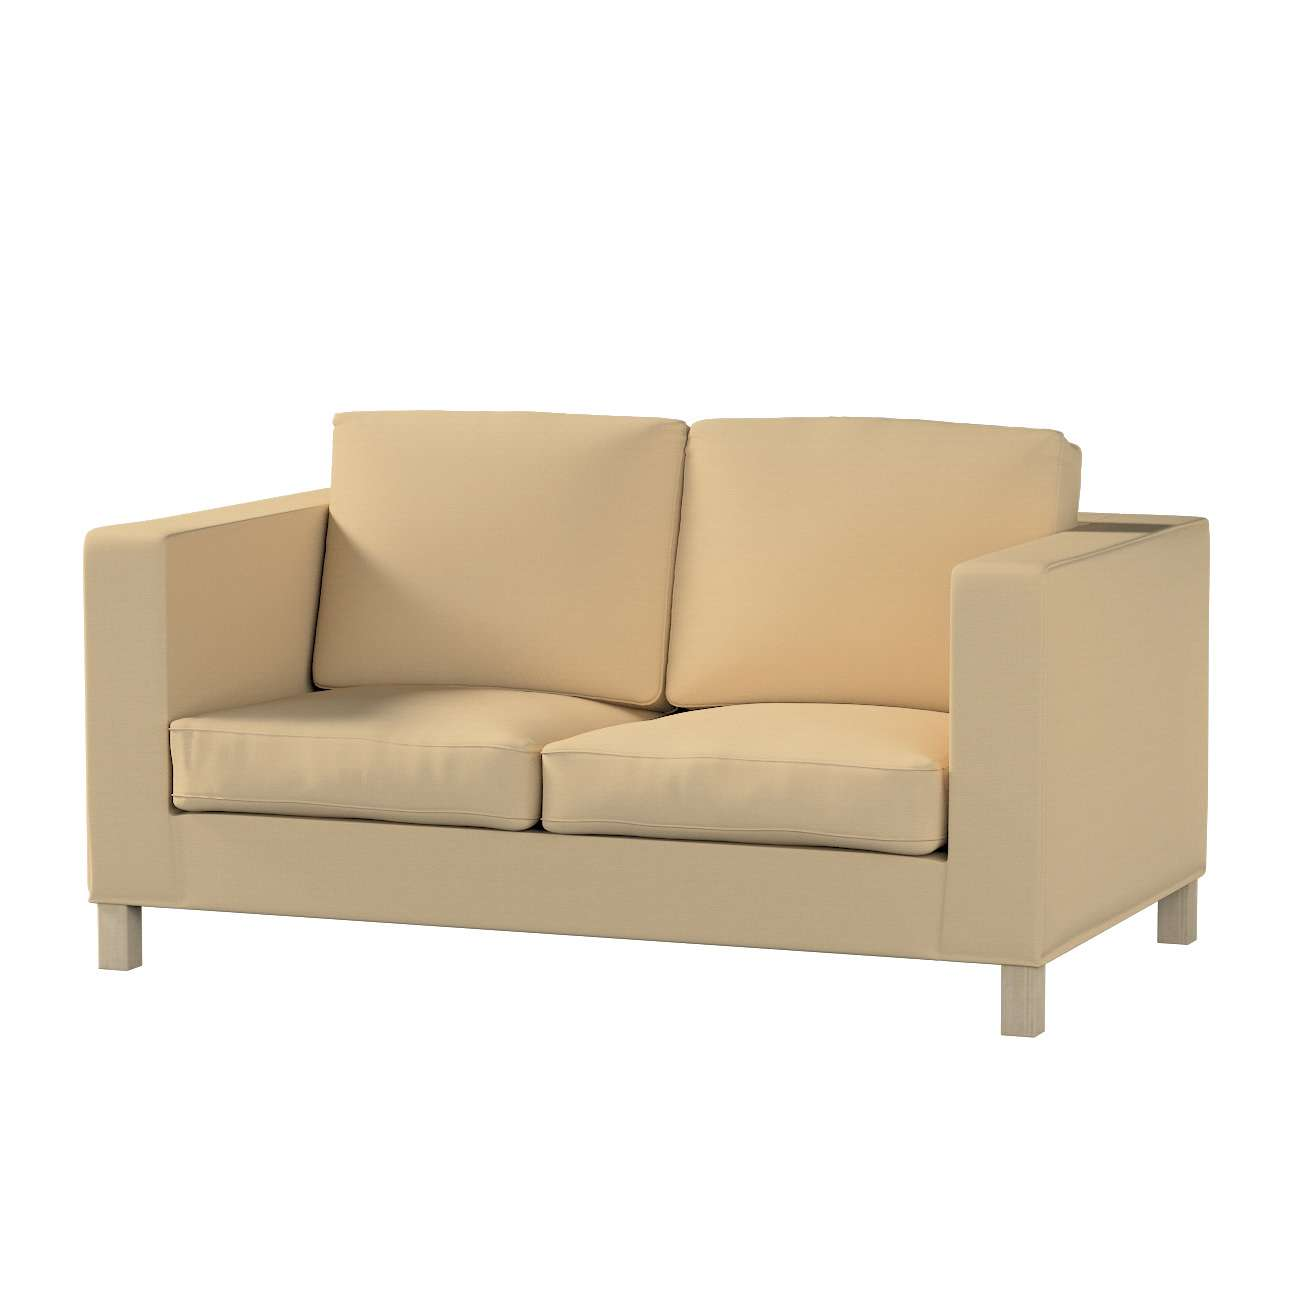 Potah na pohovku IKEA  Karlanda 2-místná, krátký pohovka Karlanda 2-os v kolekci Cotton Panama, látka: 702-01